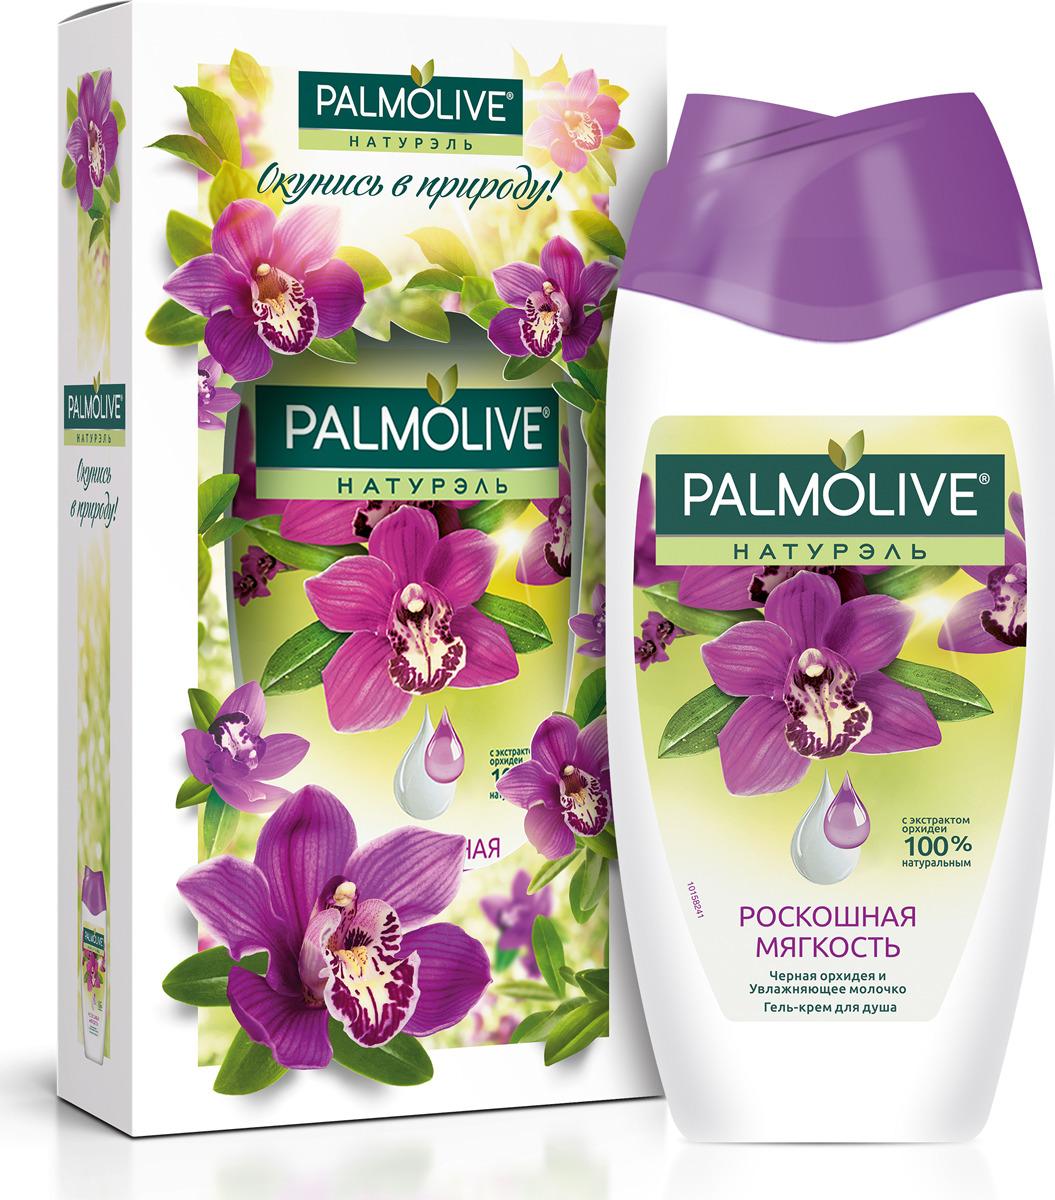 Гель для душа Palmolive Роскошная мягкость. Черная орхидея и увлажняющее молочко, в подарочной упаковке, 250 мл подарочный набор palmolive спа удовольствие